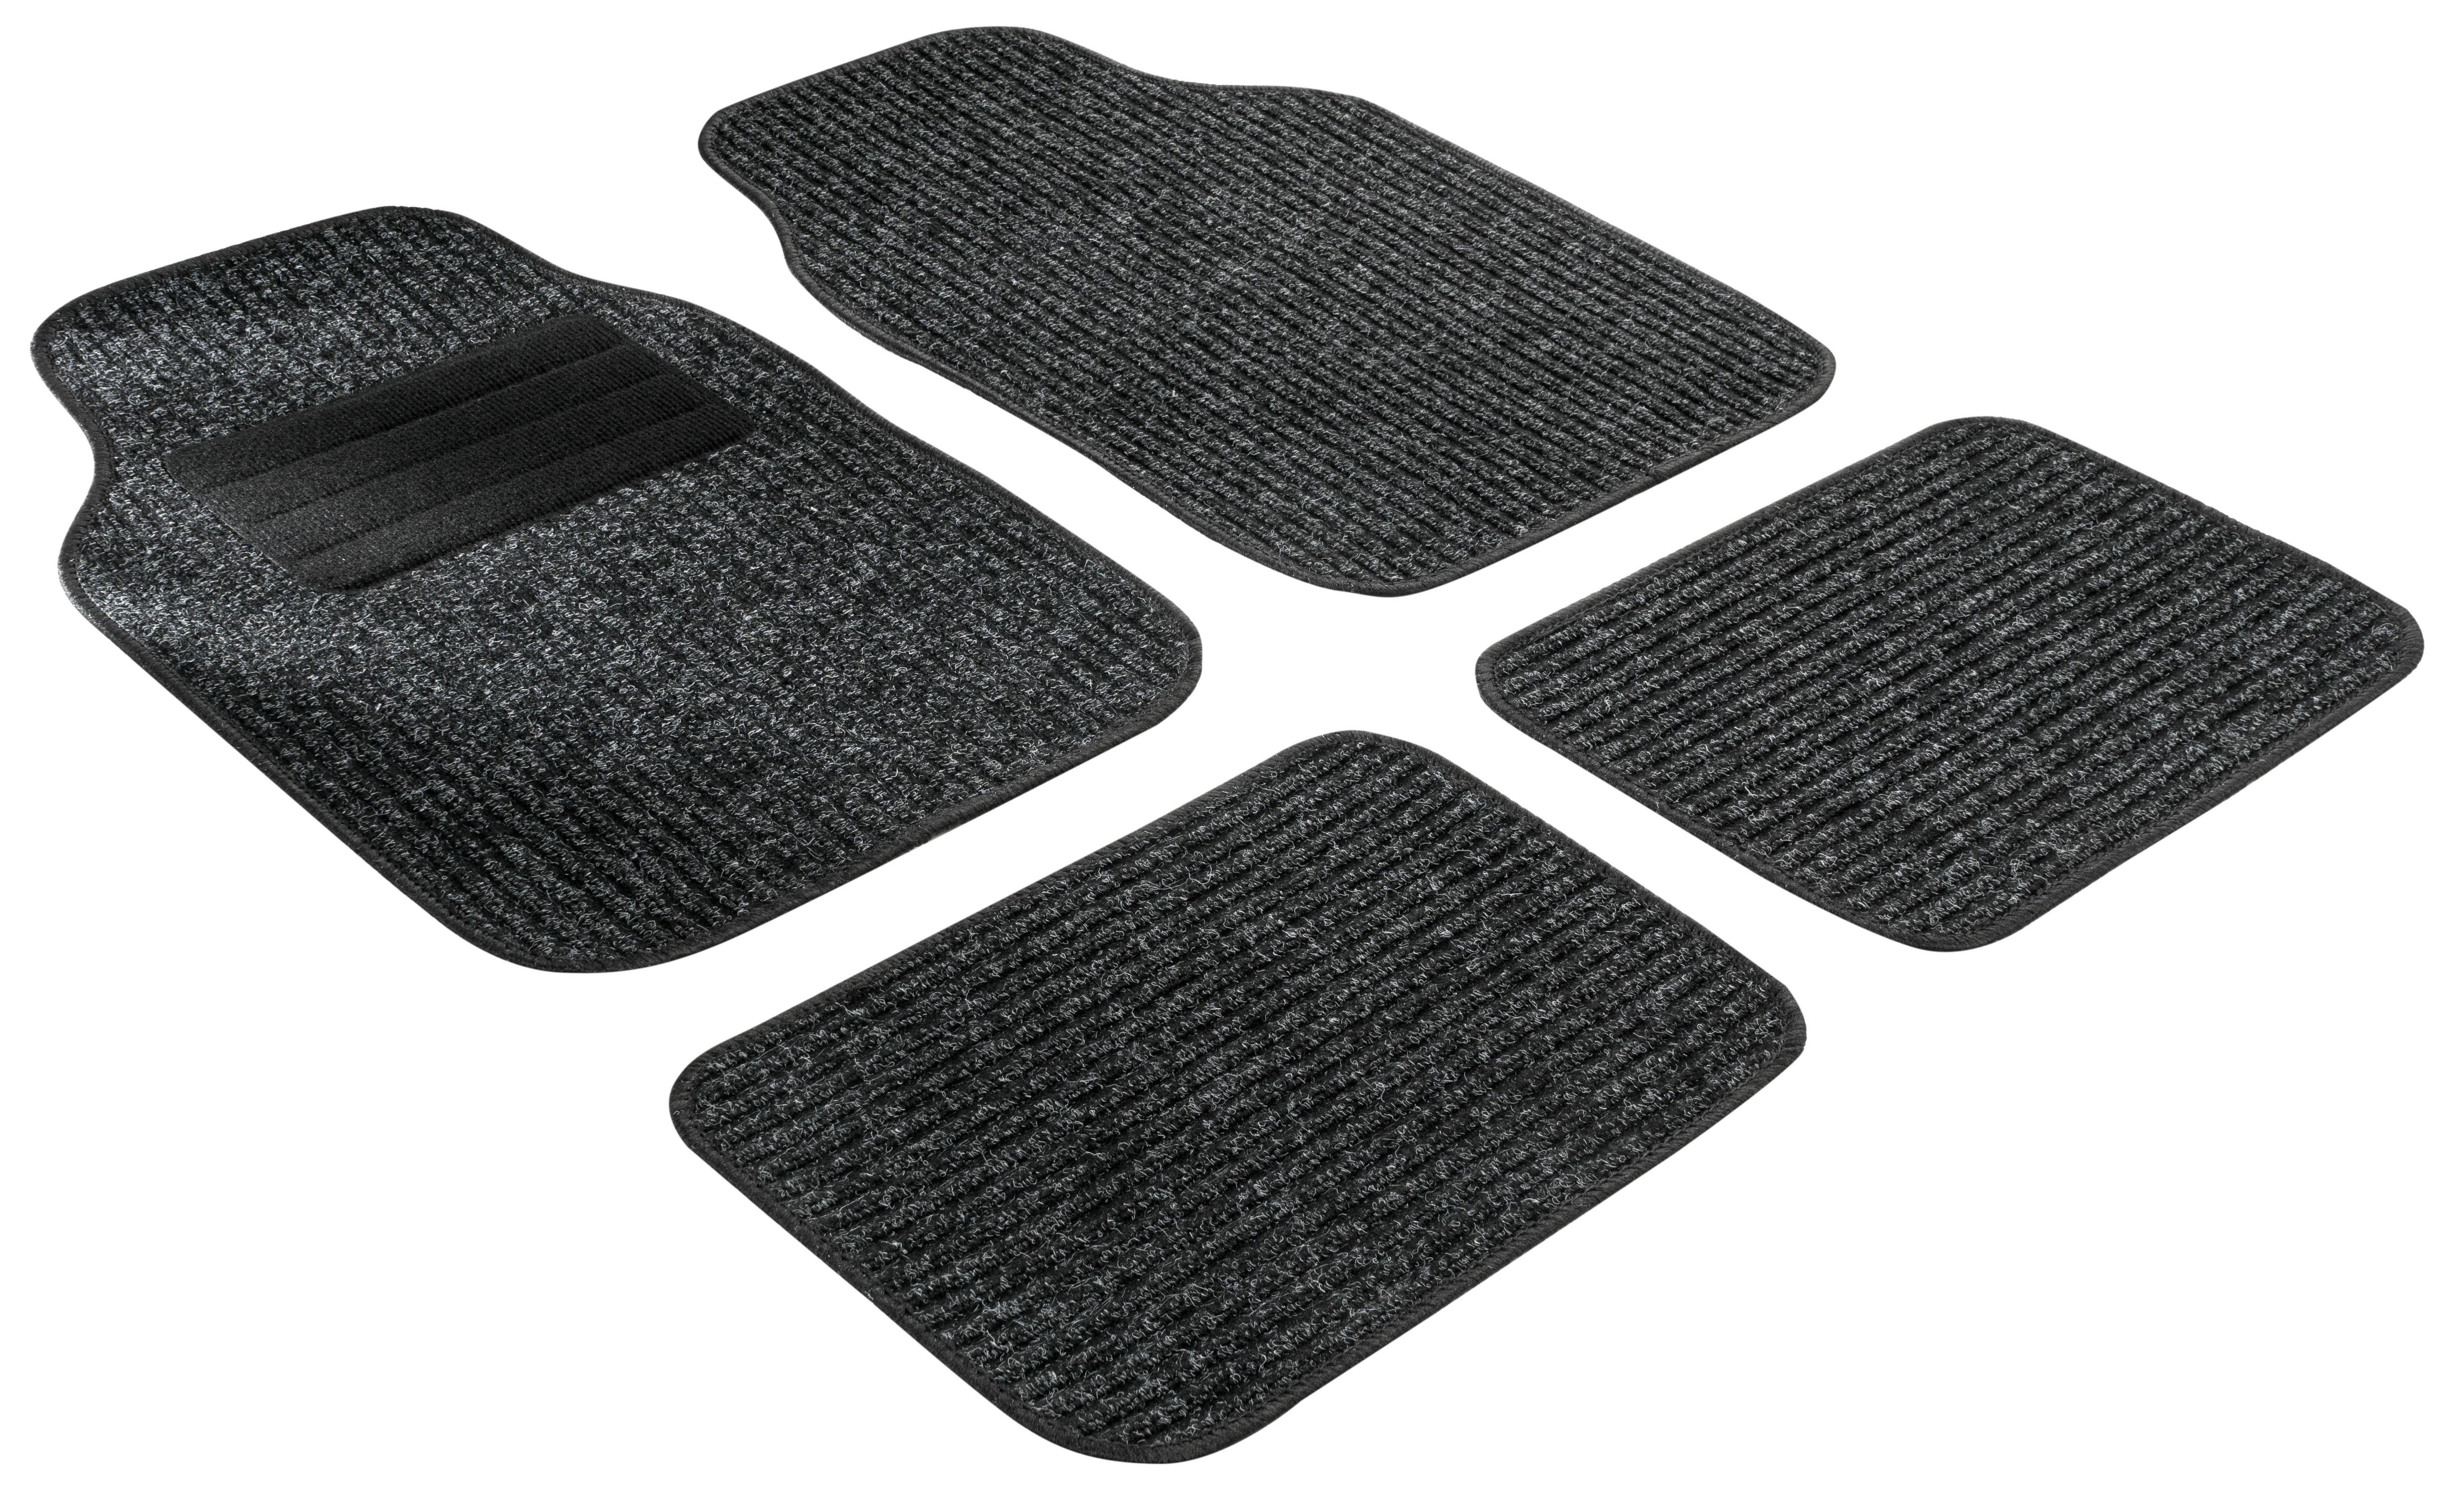 14805-0 WALSER Universelle passform PP (Polypropylen), vorne und hinten, Menge: 4, schwarz Größe: 67 x 30, Größe: 45 x 30, Größe: 33 x 45 Autofußmatten 14805-0 günstig kaufen